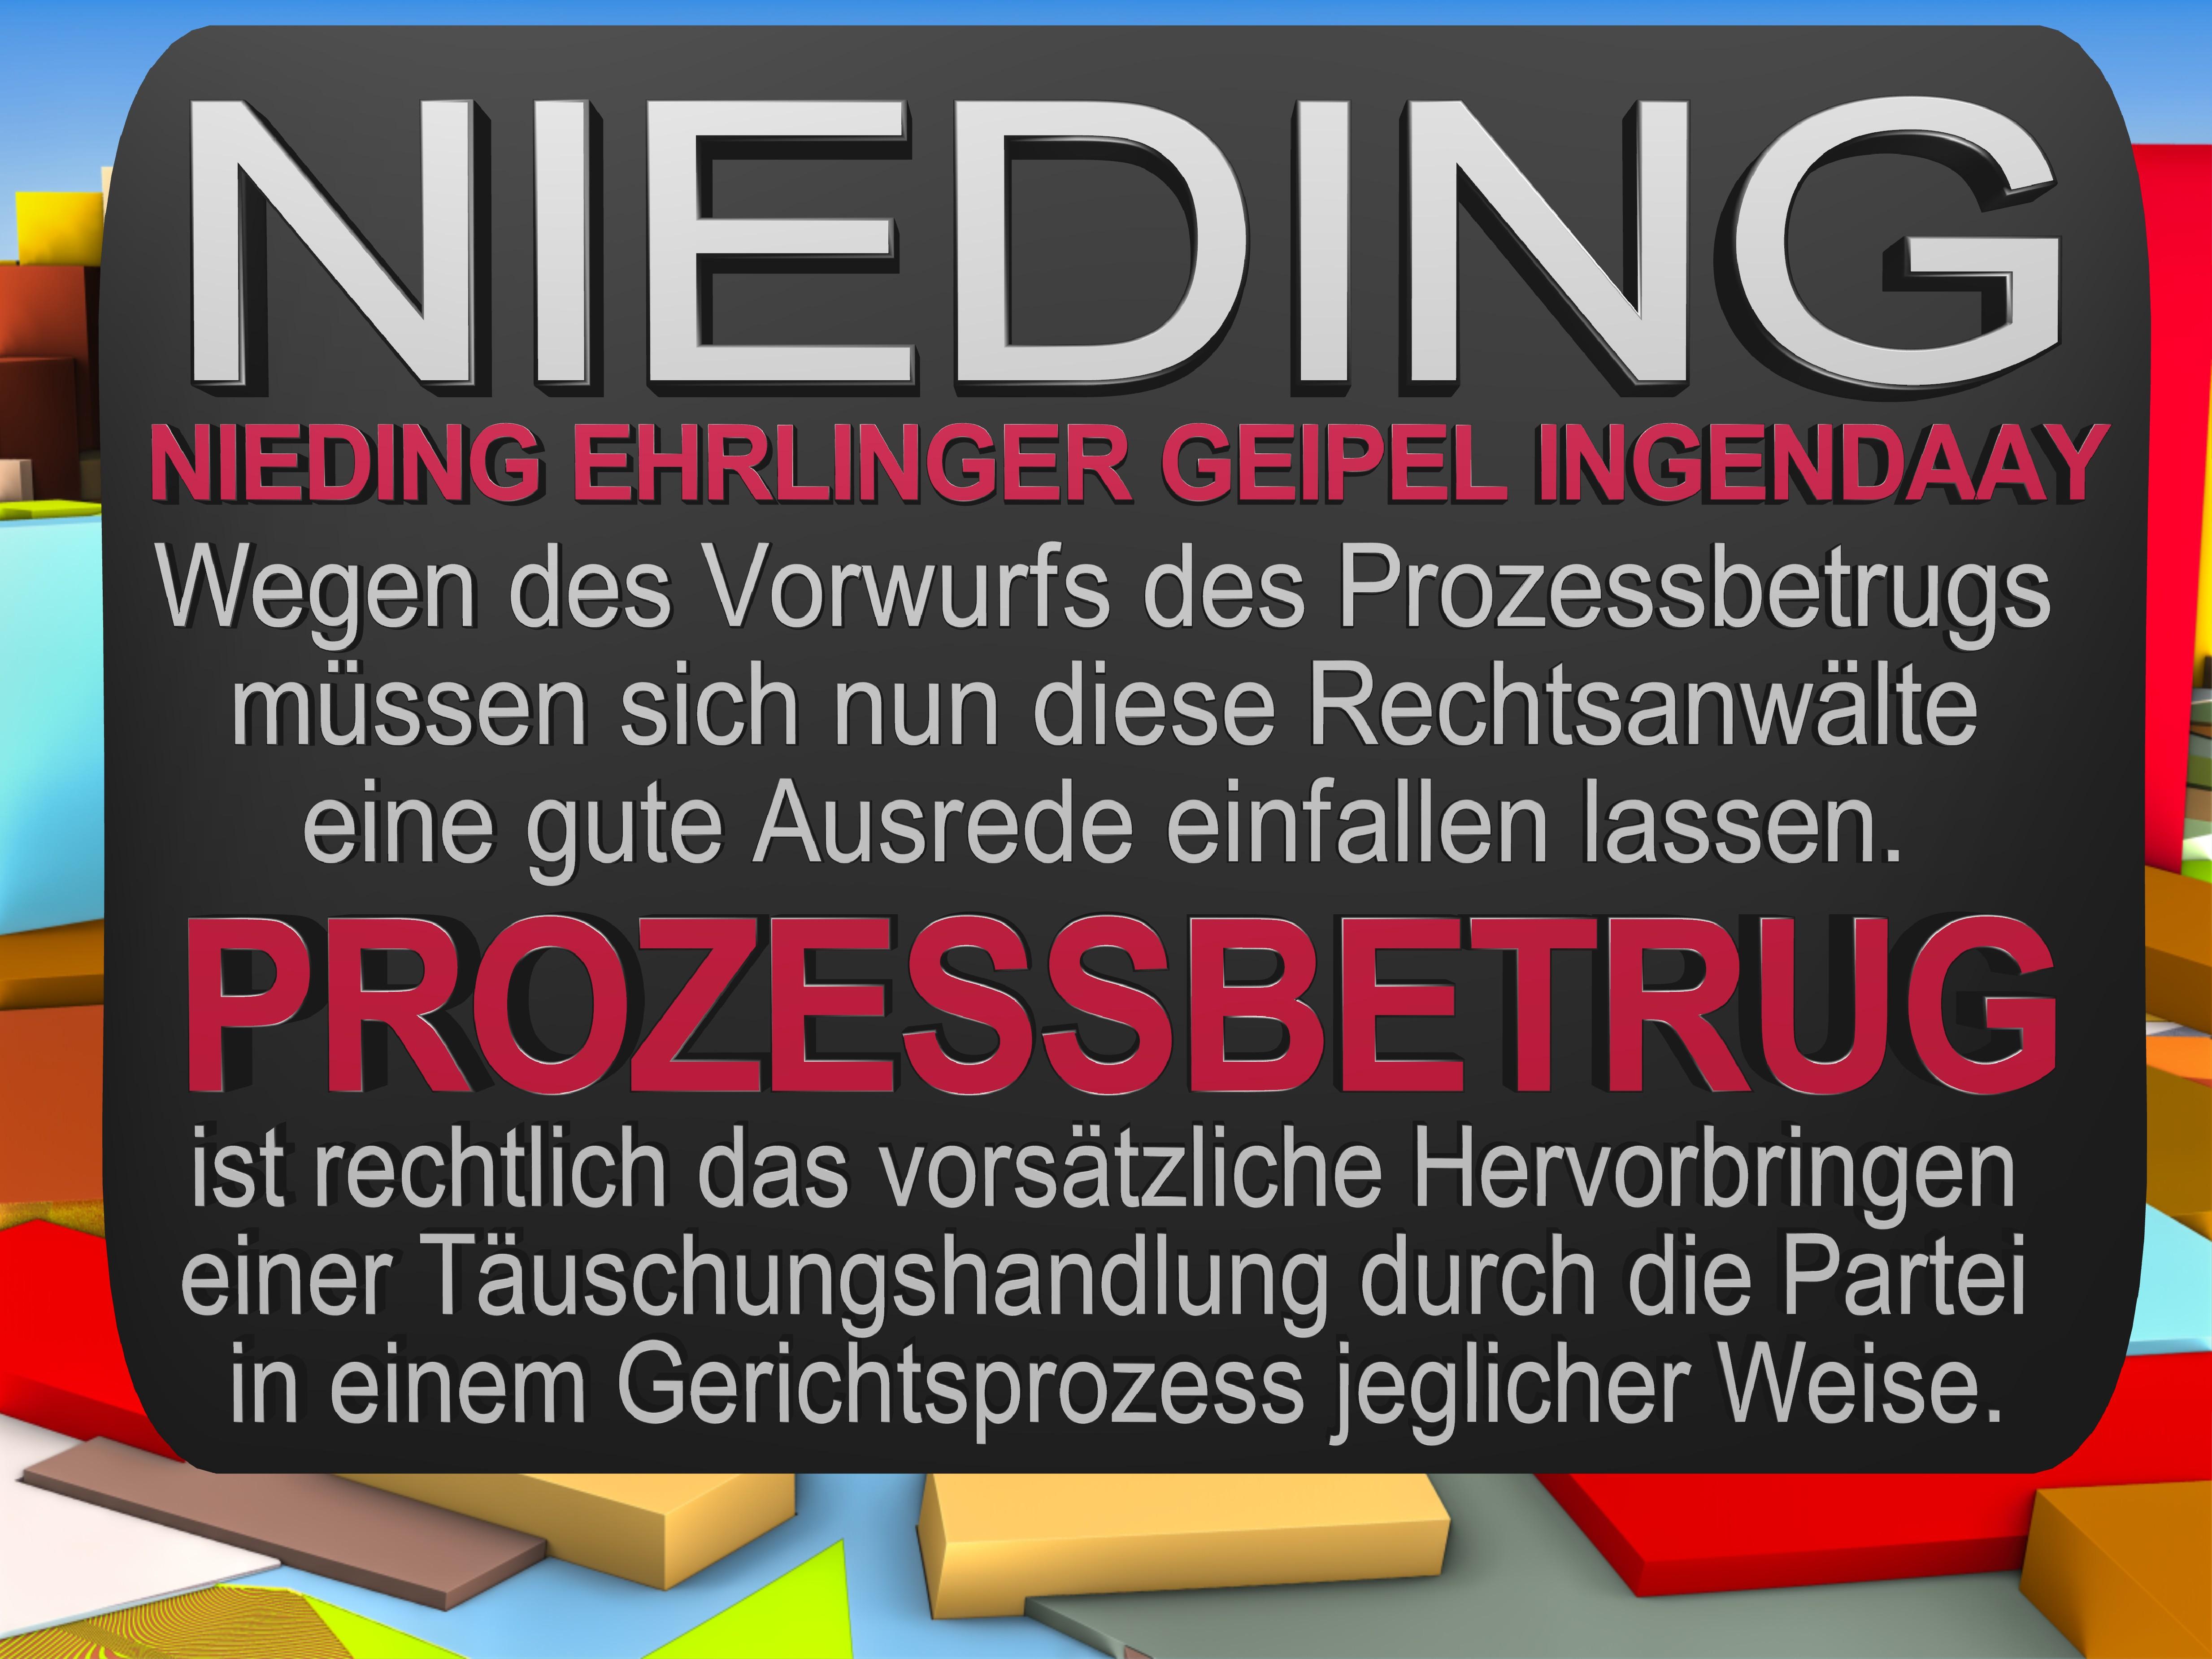 NIEDING EHRLINGER GEIPEL INGENDAAY LELKE Kurfürstendamm 66 Berlin (111)